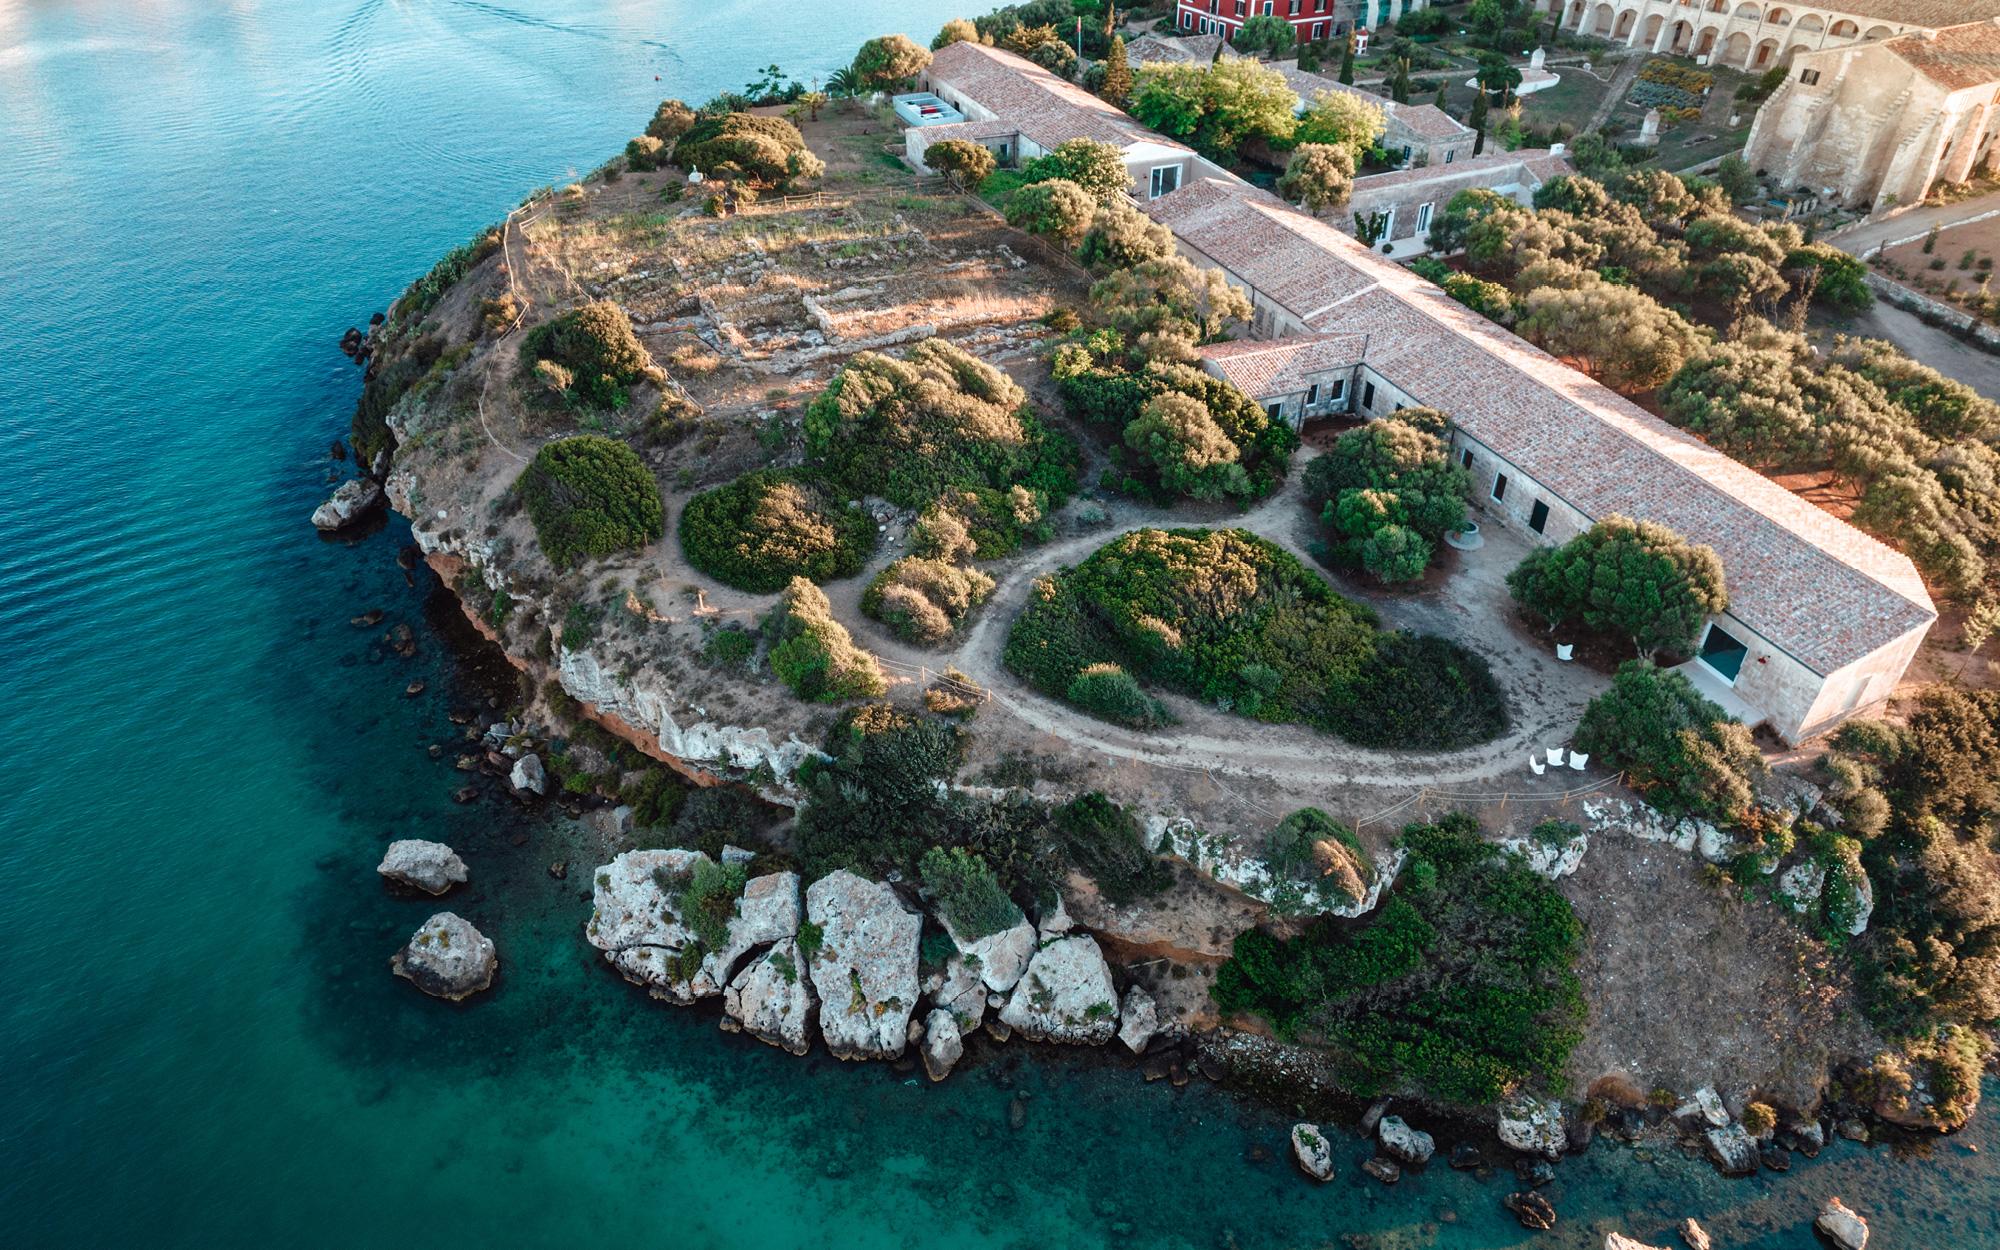 Hauser & Wirth Menorca on Isla del Rey Courtesy Hauser & Wirth © Be Creative, Menorca